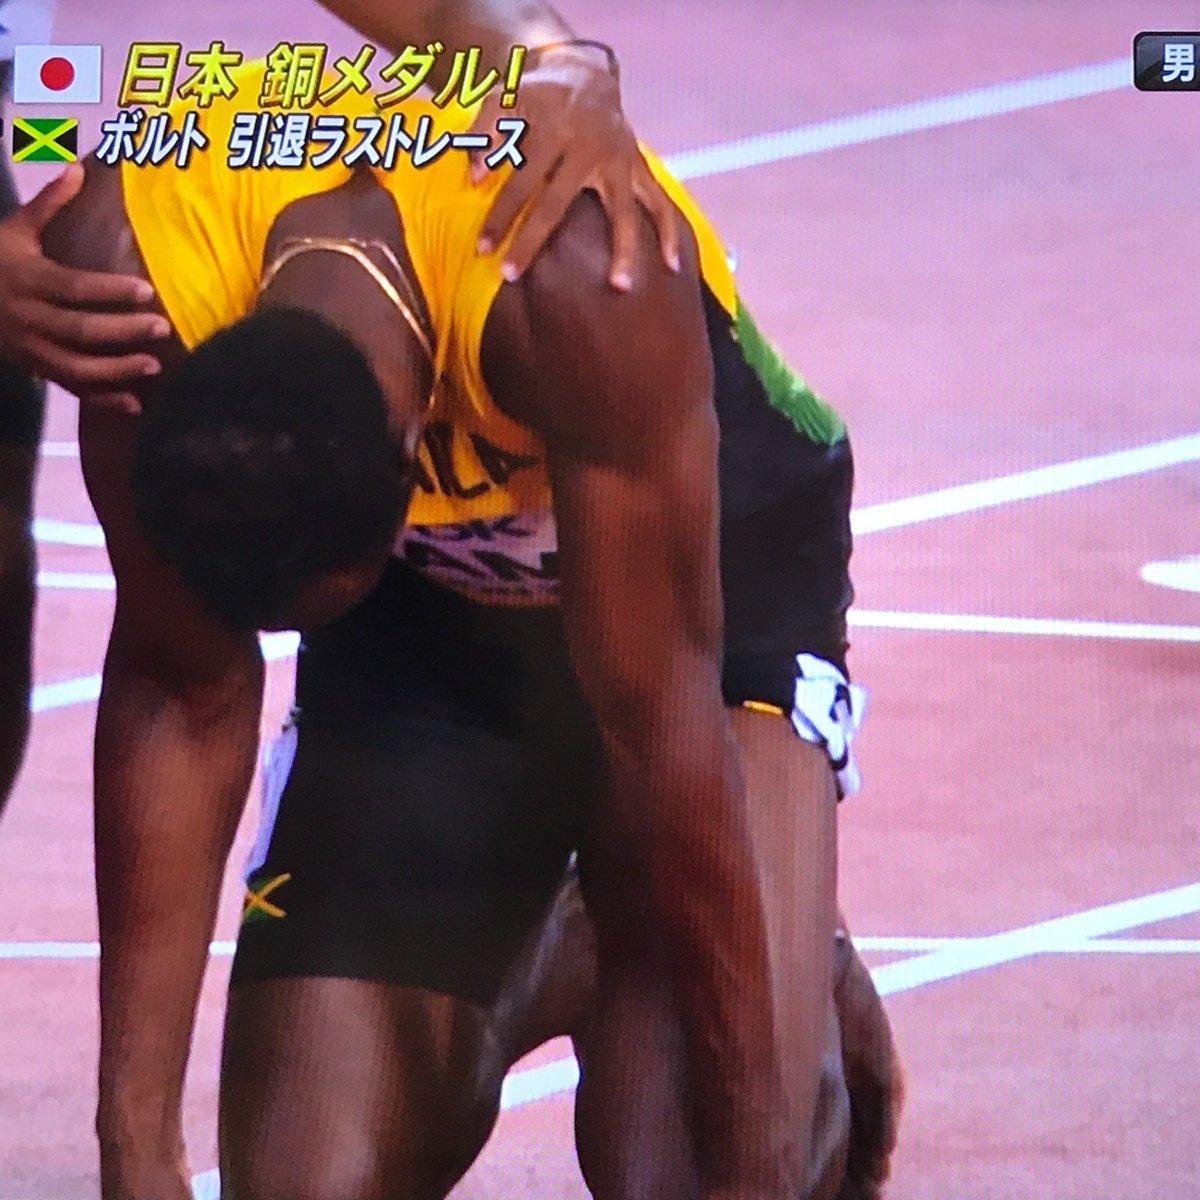 まさかラストがこうなるとは…  しかし世界最速の男を抜く選手はいつ出でくるんだろう?